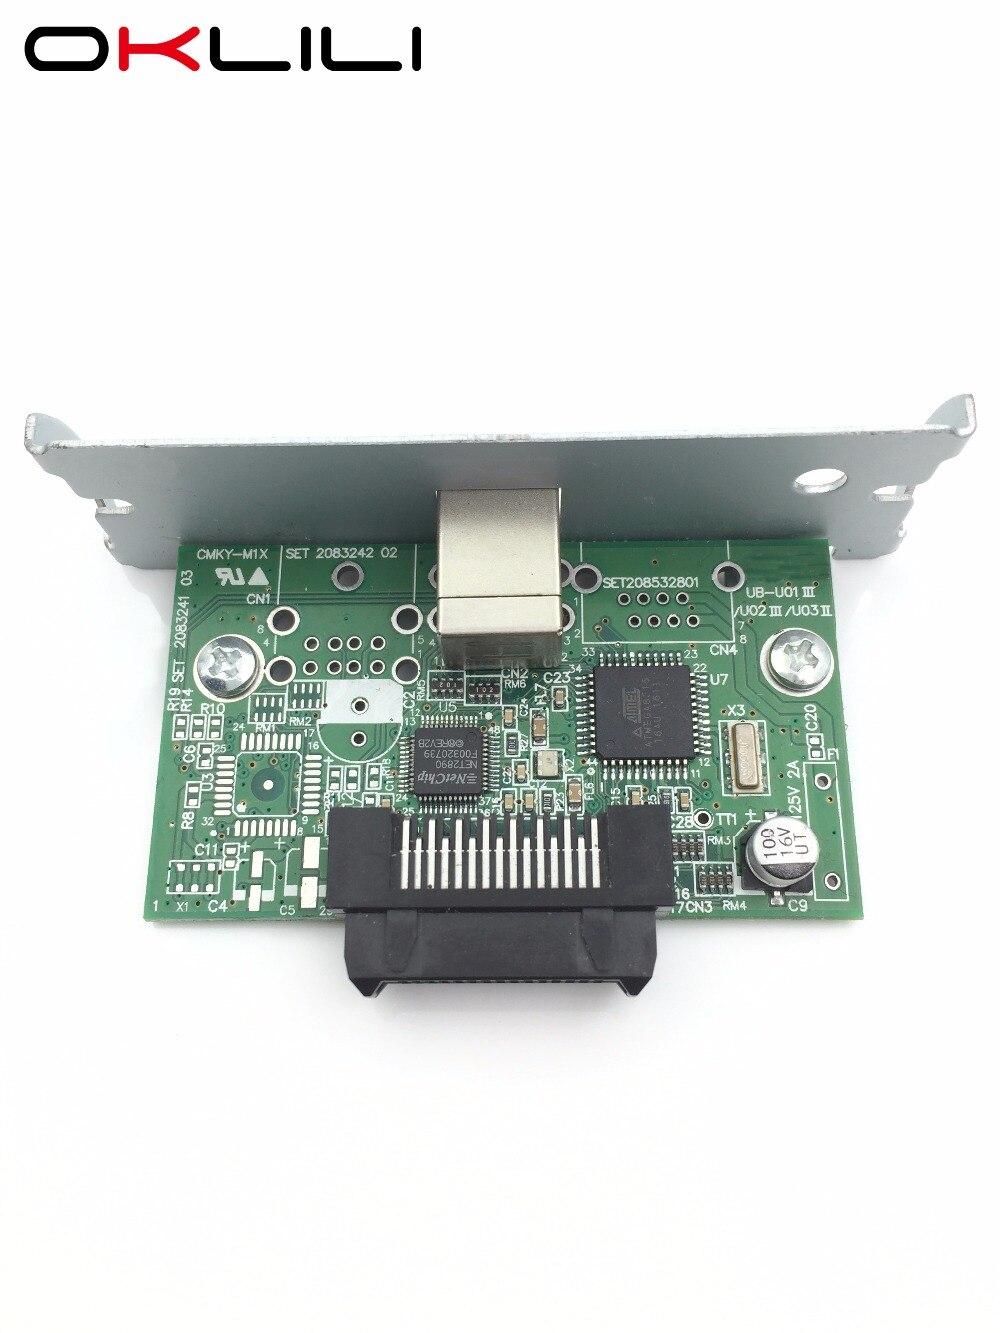 все цены на NEW C32C824131 M148E USB Port Interface Card for Epson TM-H5000II H6000IV J7000 J7100 J7500 J7600 L90 T70 T88IV T88V T90 U220 онлайн